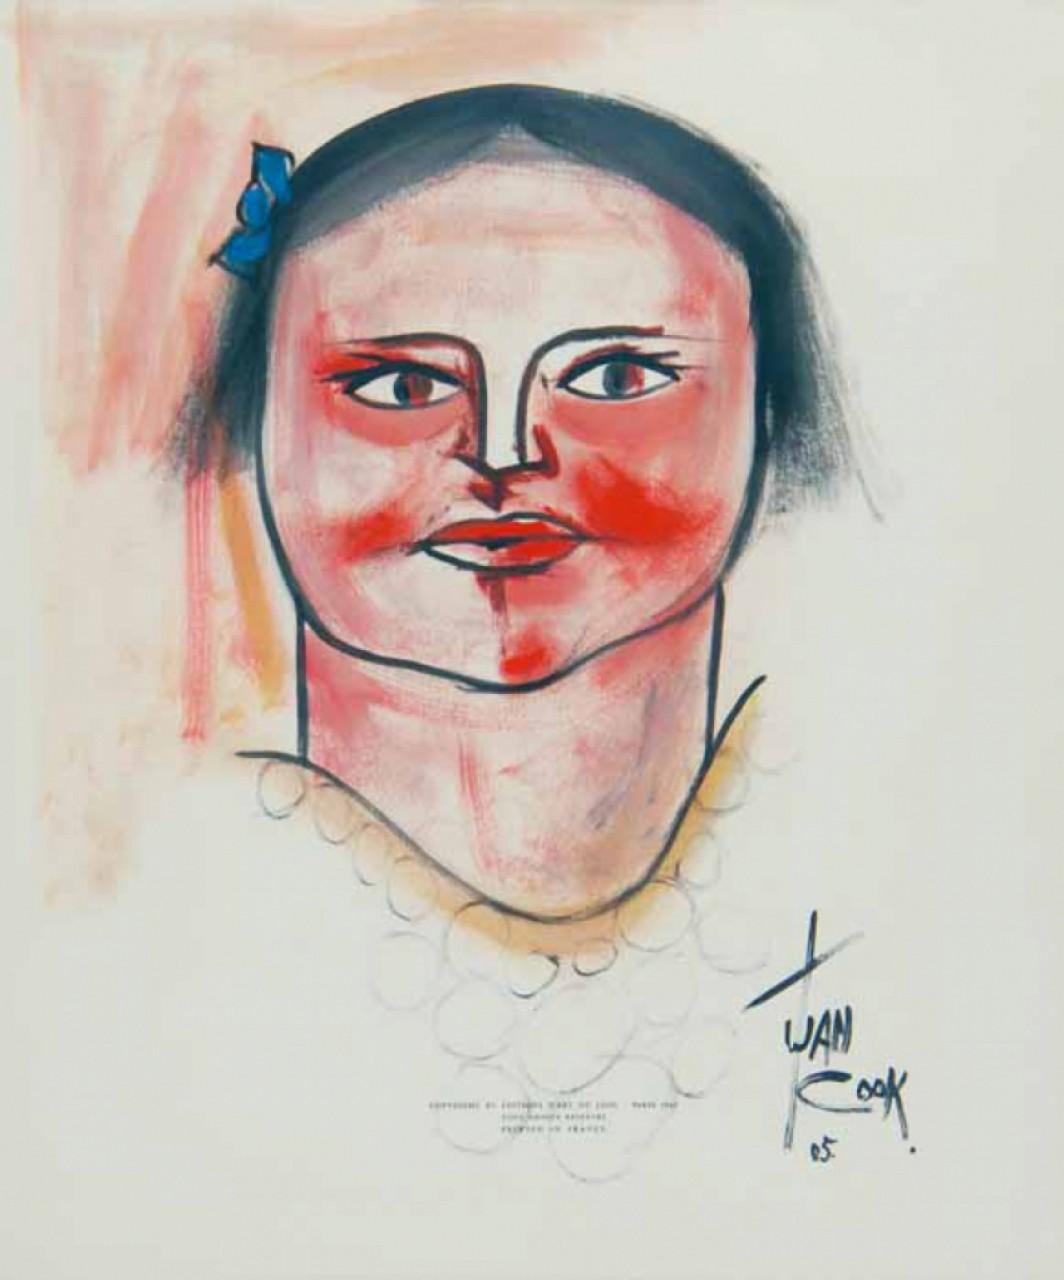 COOK Juan portrait d'une femme brune